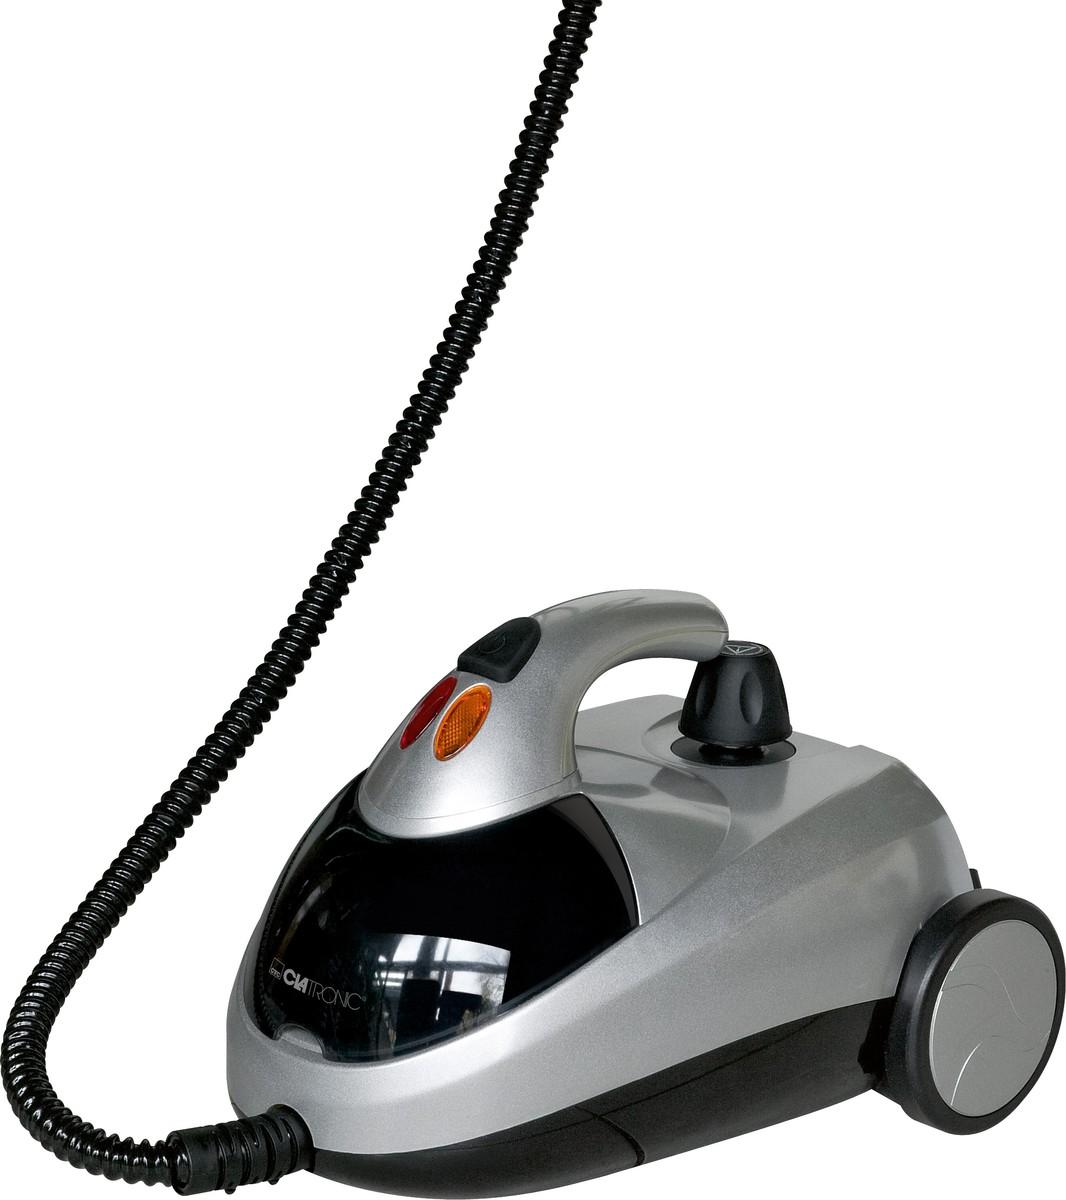 Пароочиститель clatronic dr 3280 инструкция